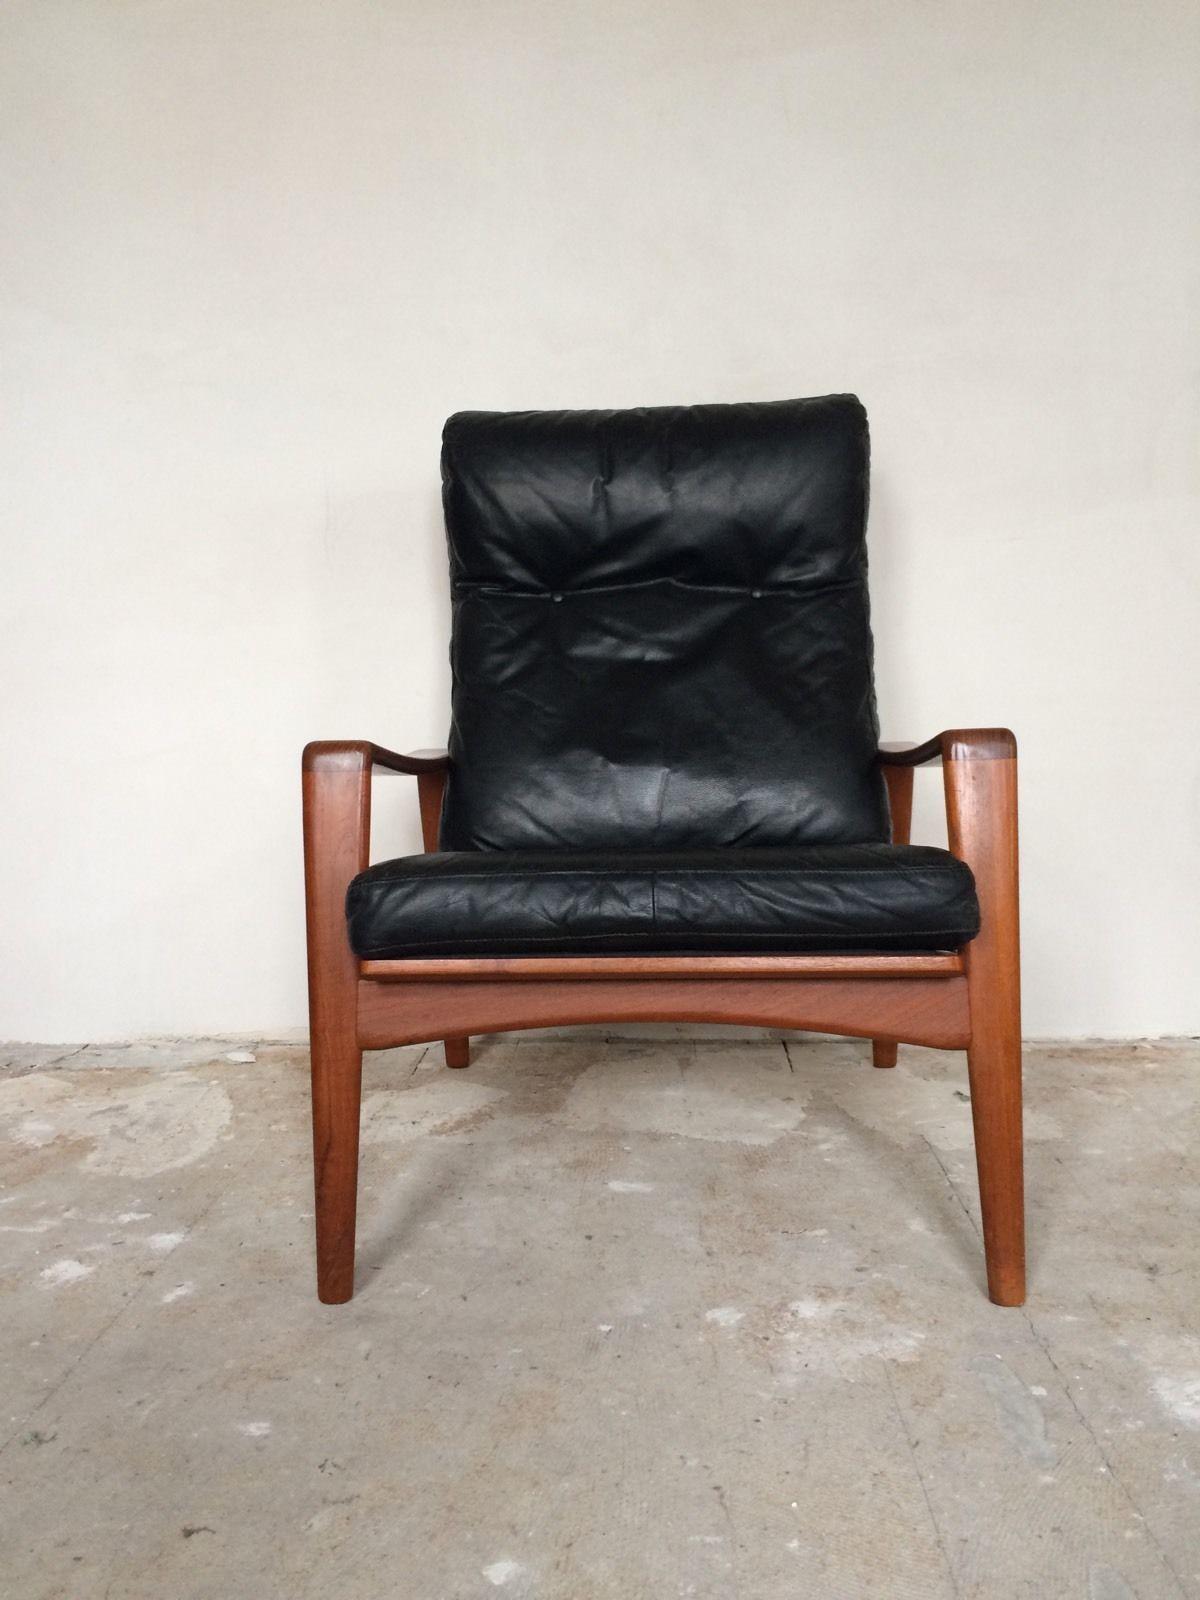 arne wahl iversen komfort lounge chair teak 60s danish design leder sessel 60er 3 arne wahl. Black Bedroom Furniture Sets. Home Design Ideas